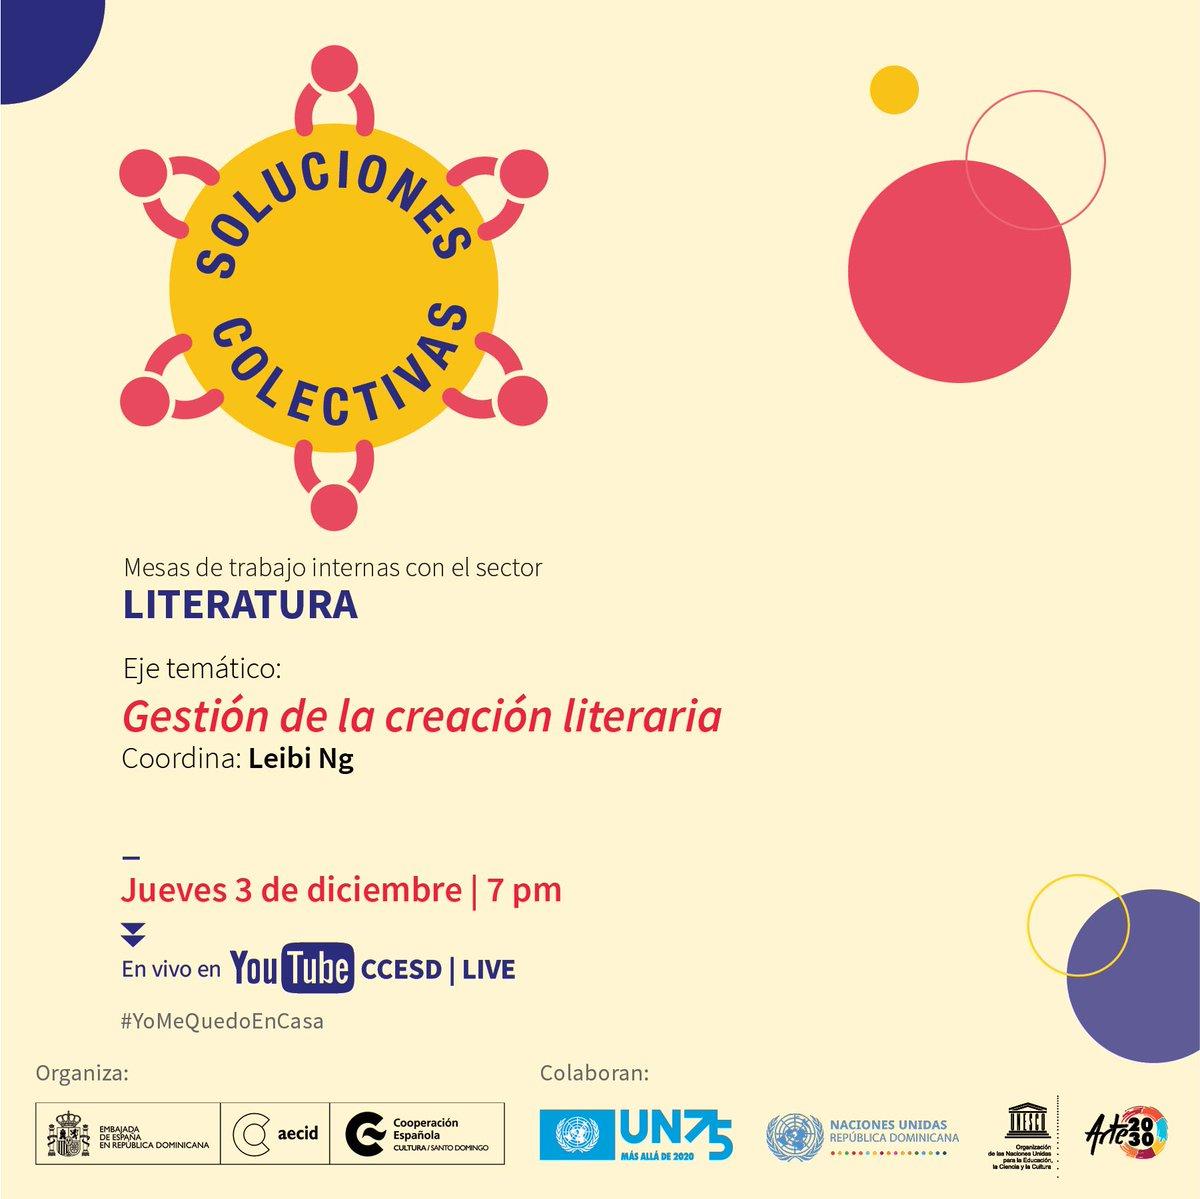 En 15 mins comienza el 3er eje de este encuentro para diagnosticar y hacer propuestas para el sector literario, frente a la crisis provocada por el Covid. Te esperamos en nuestro canal:  ccesd #UN75, #ONU75 #literaturadominicana #solucionescolectivas